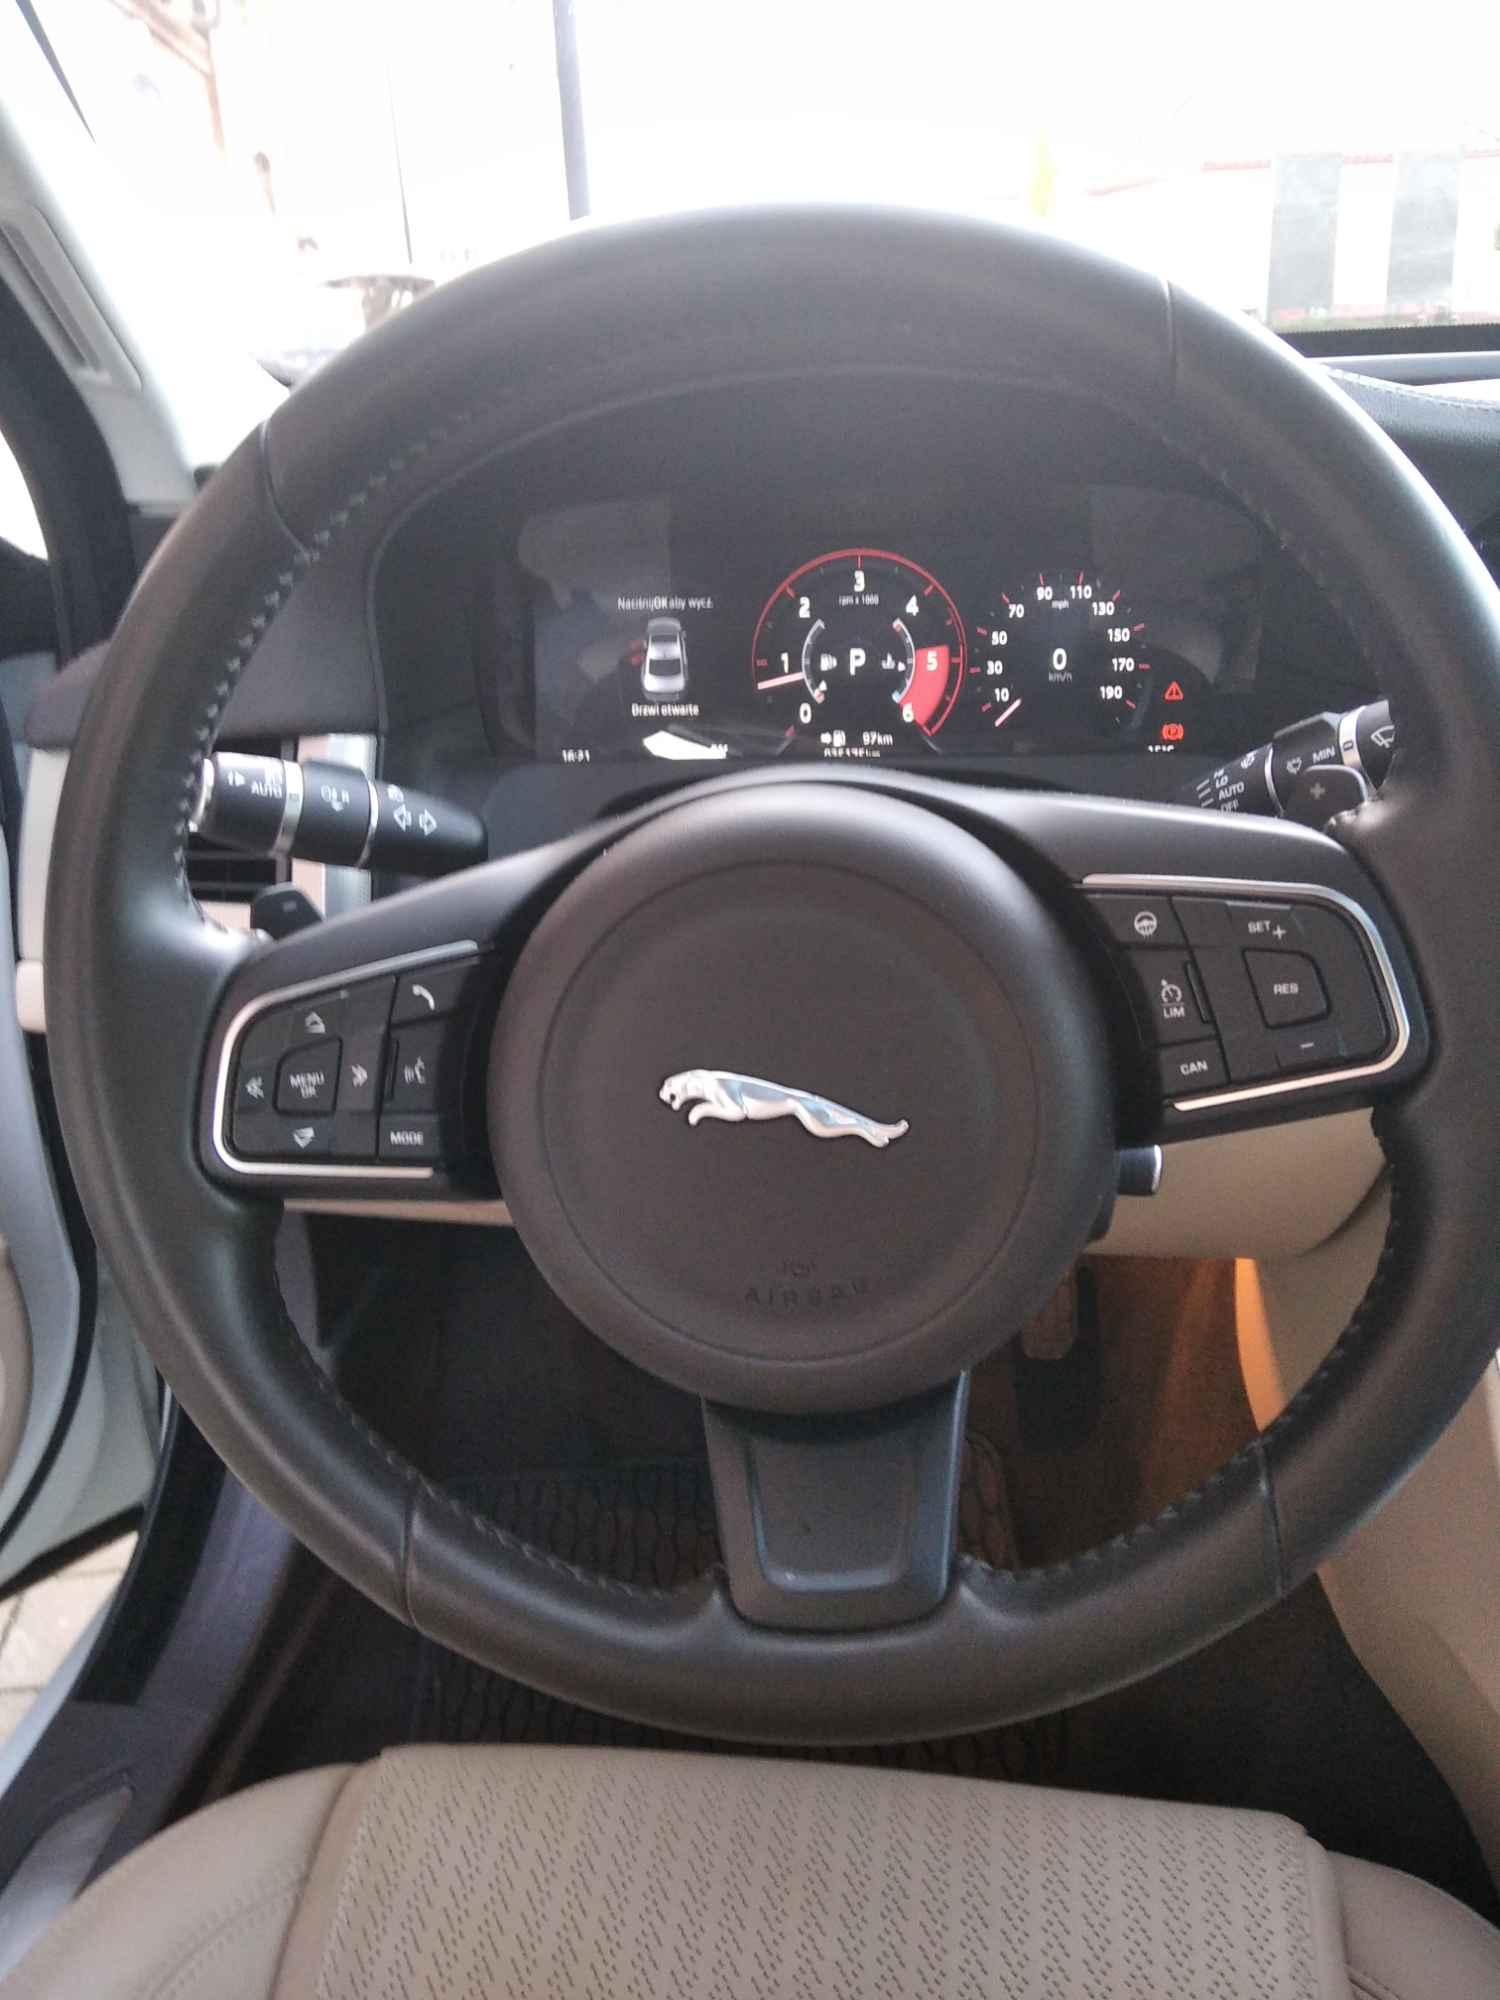 Jaguar XF 260 2.0D Prestige !!! Przebieg 39000km! Siedlce - zdjęcie 8